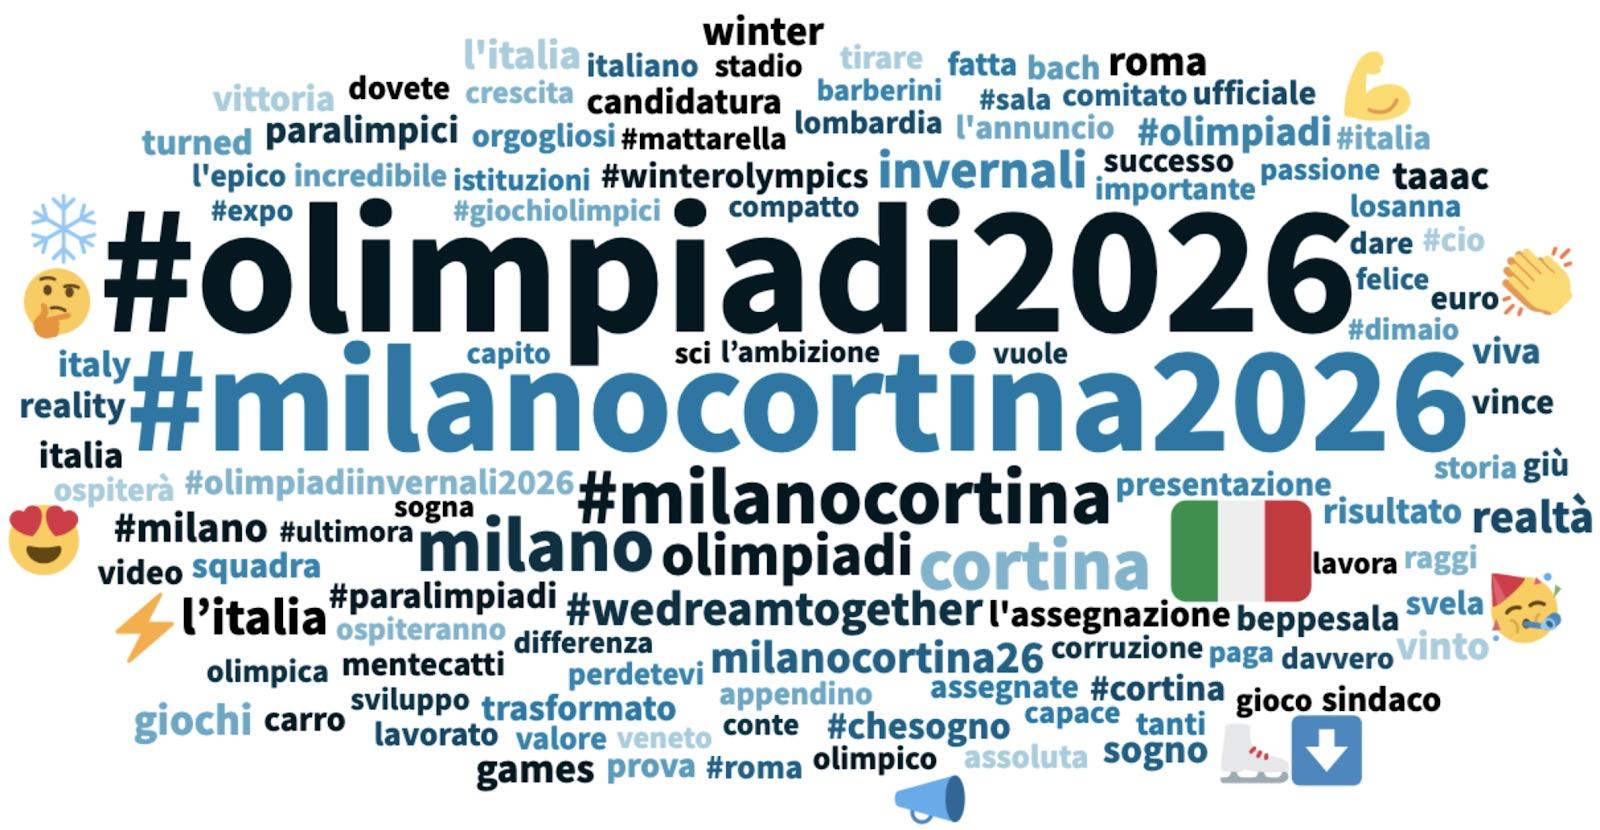 Nel forno italiano dell'emergenza climatica, si brinda alle Olimpiadi delle emissioni e dello spreco